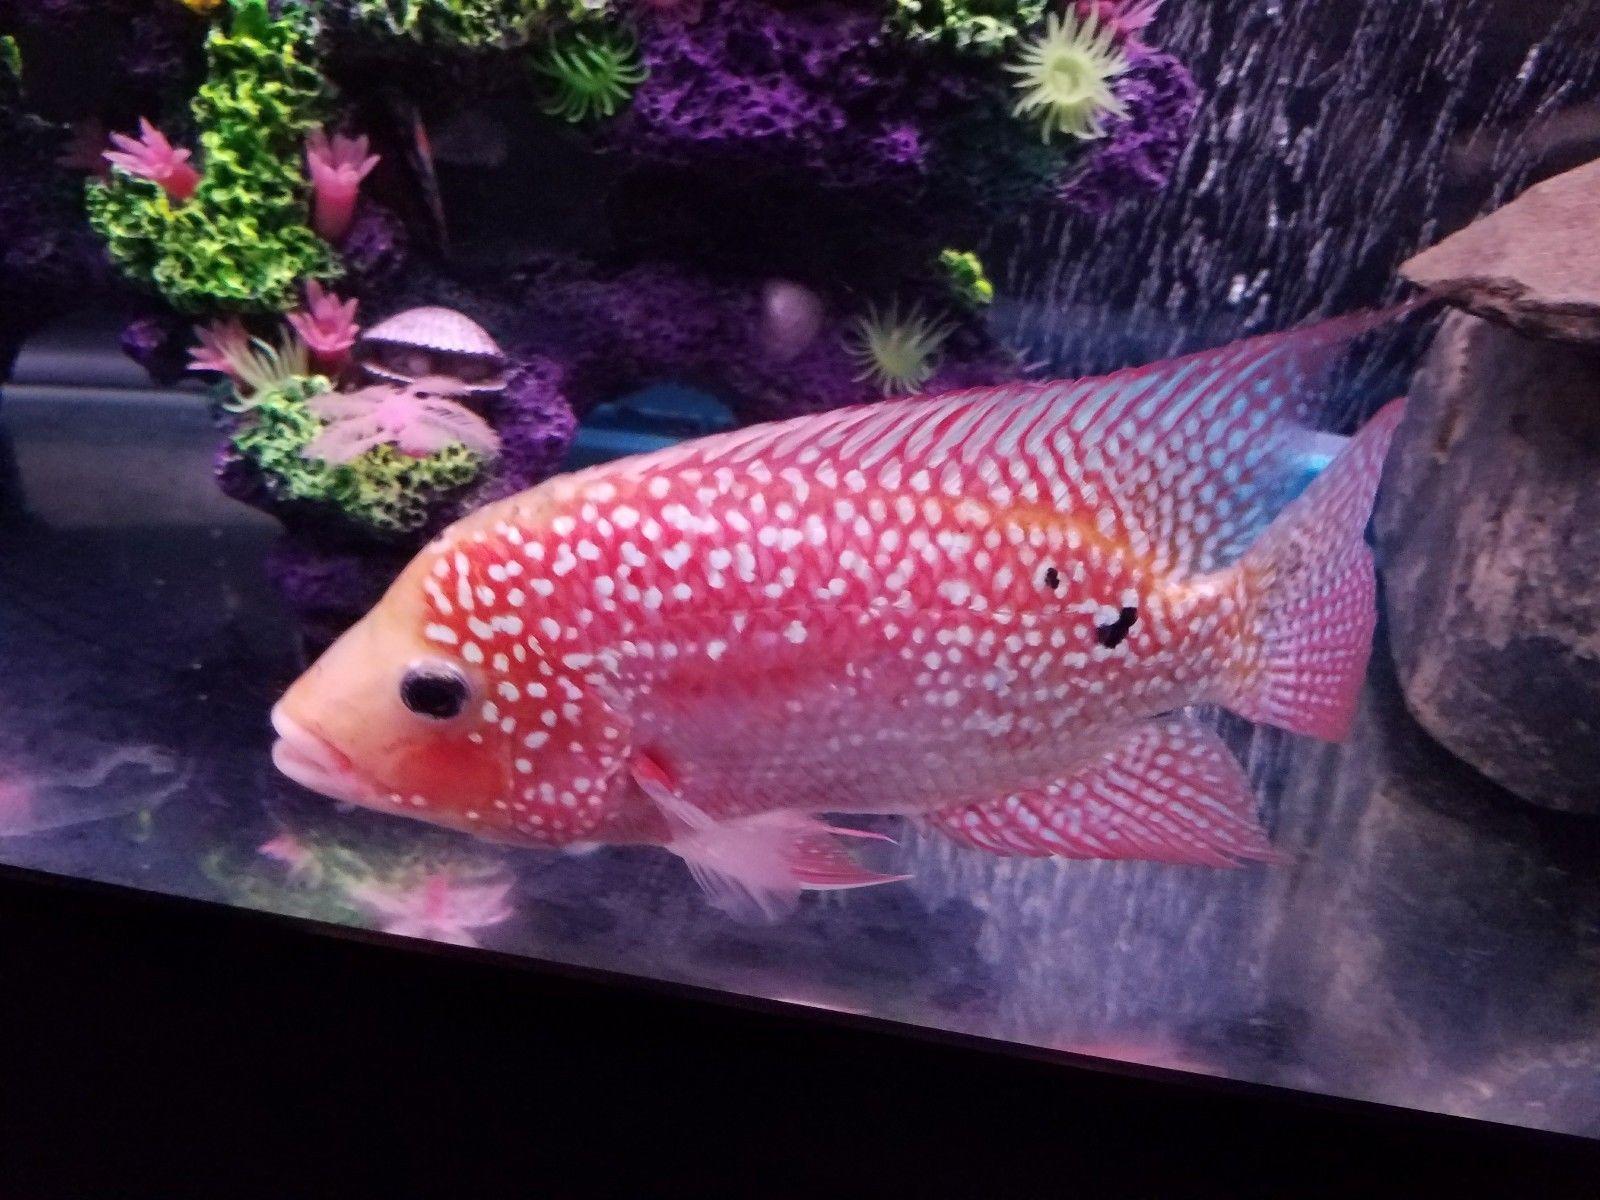 Iimported Fertile Male Srt Super Red Texas Cichlid From Thailand Eaux Douces Poisson D Eau Douce Poisson